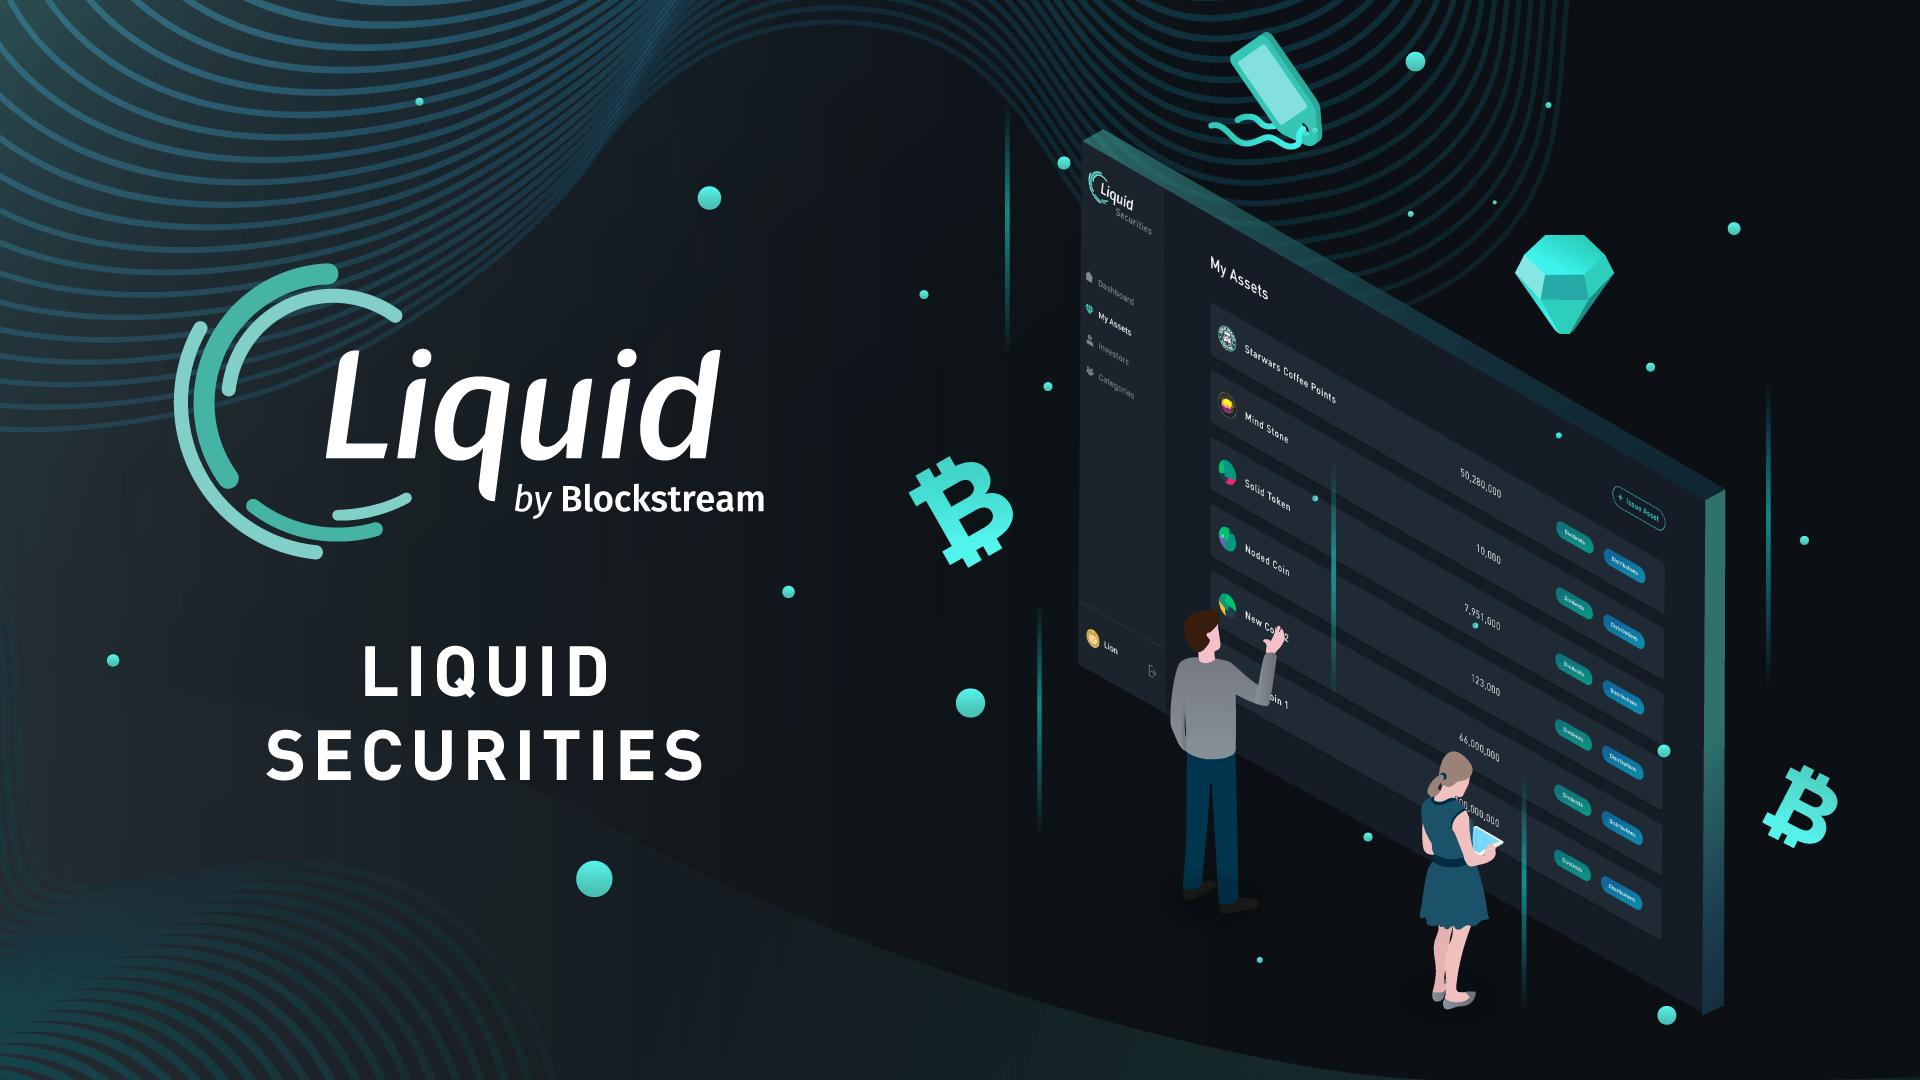 giá bitcoin: Blockstream ra mắt nền tảng phát hành token chứng khoán trên sidechain Liquid của Bitcoin